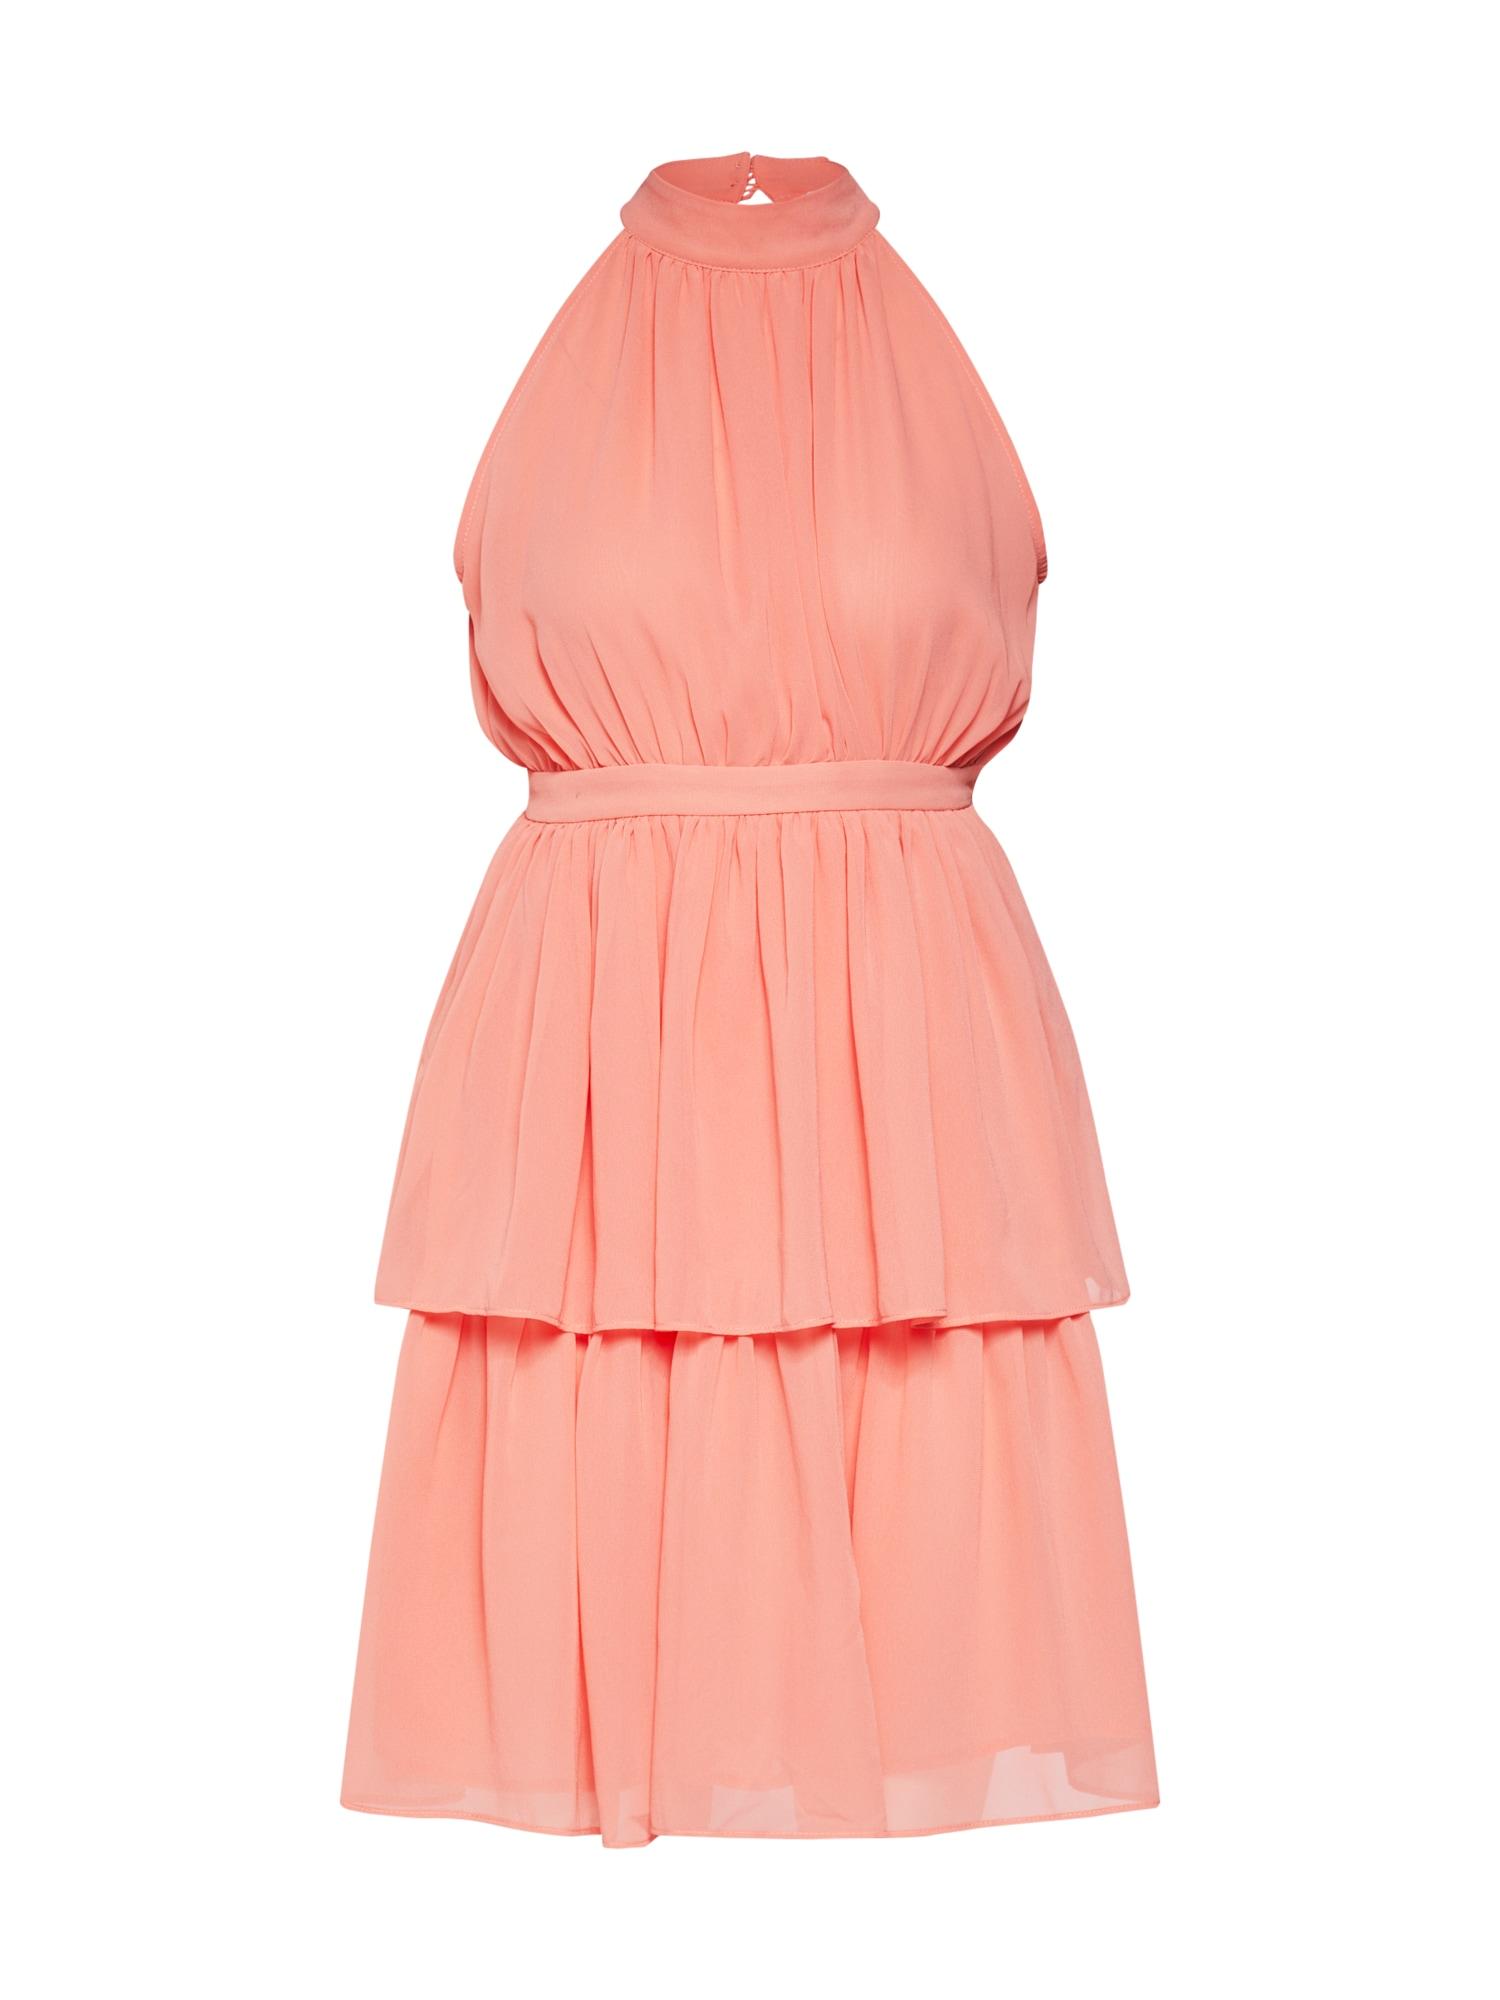 Koktejlové šaty Kira dress korálová MICHALSKY FOR ABOUT YOU